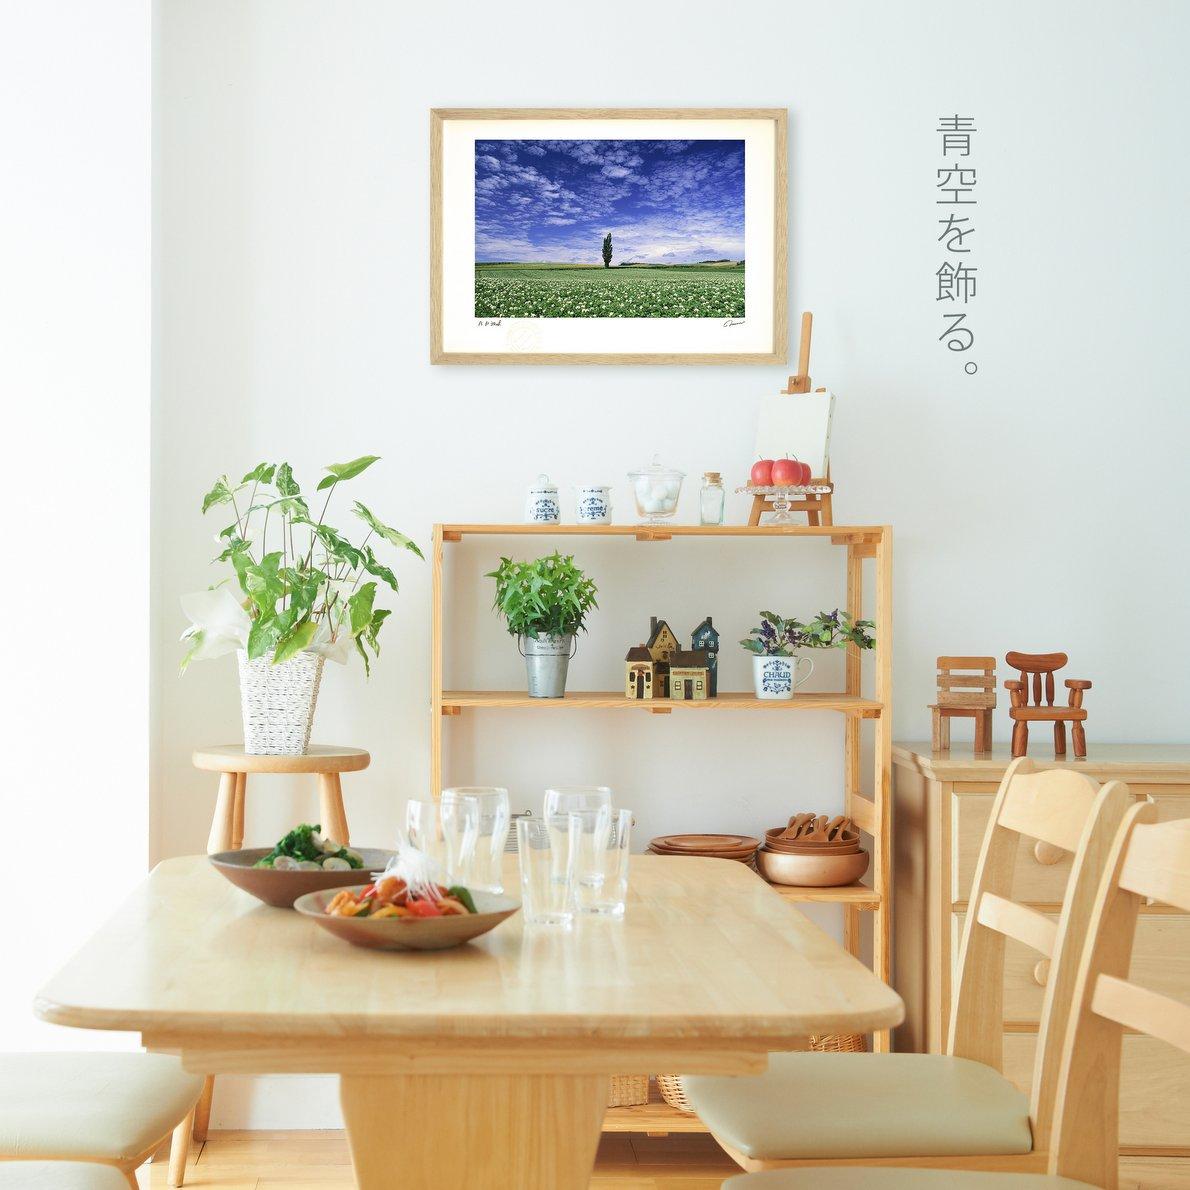 《アートフォト》水芭蕉1/東川町〔富良野・高橋真澄〕(レンタル対象)